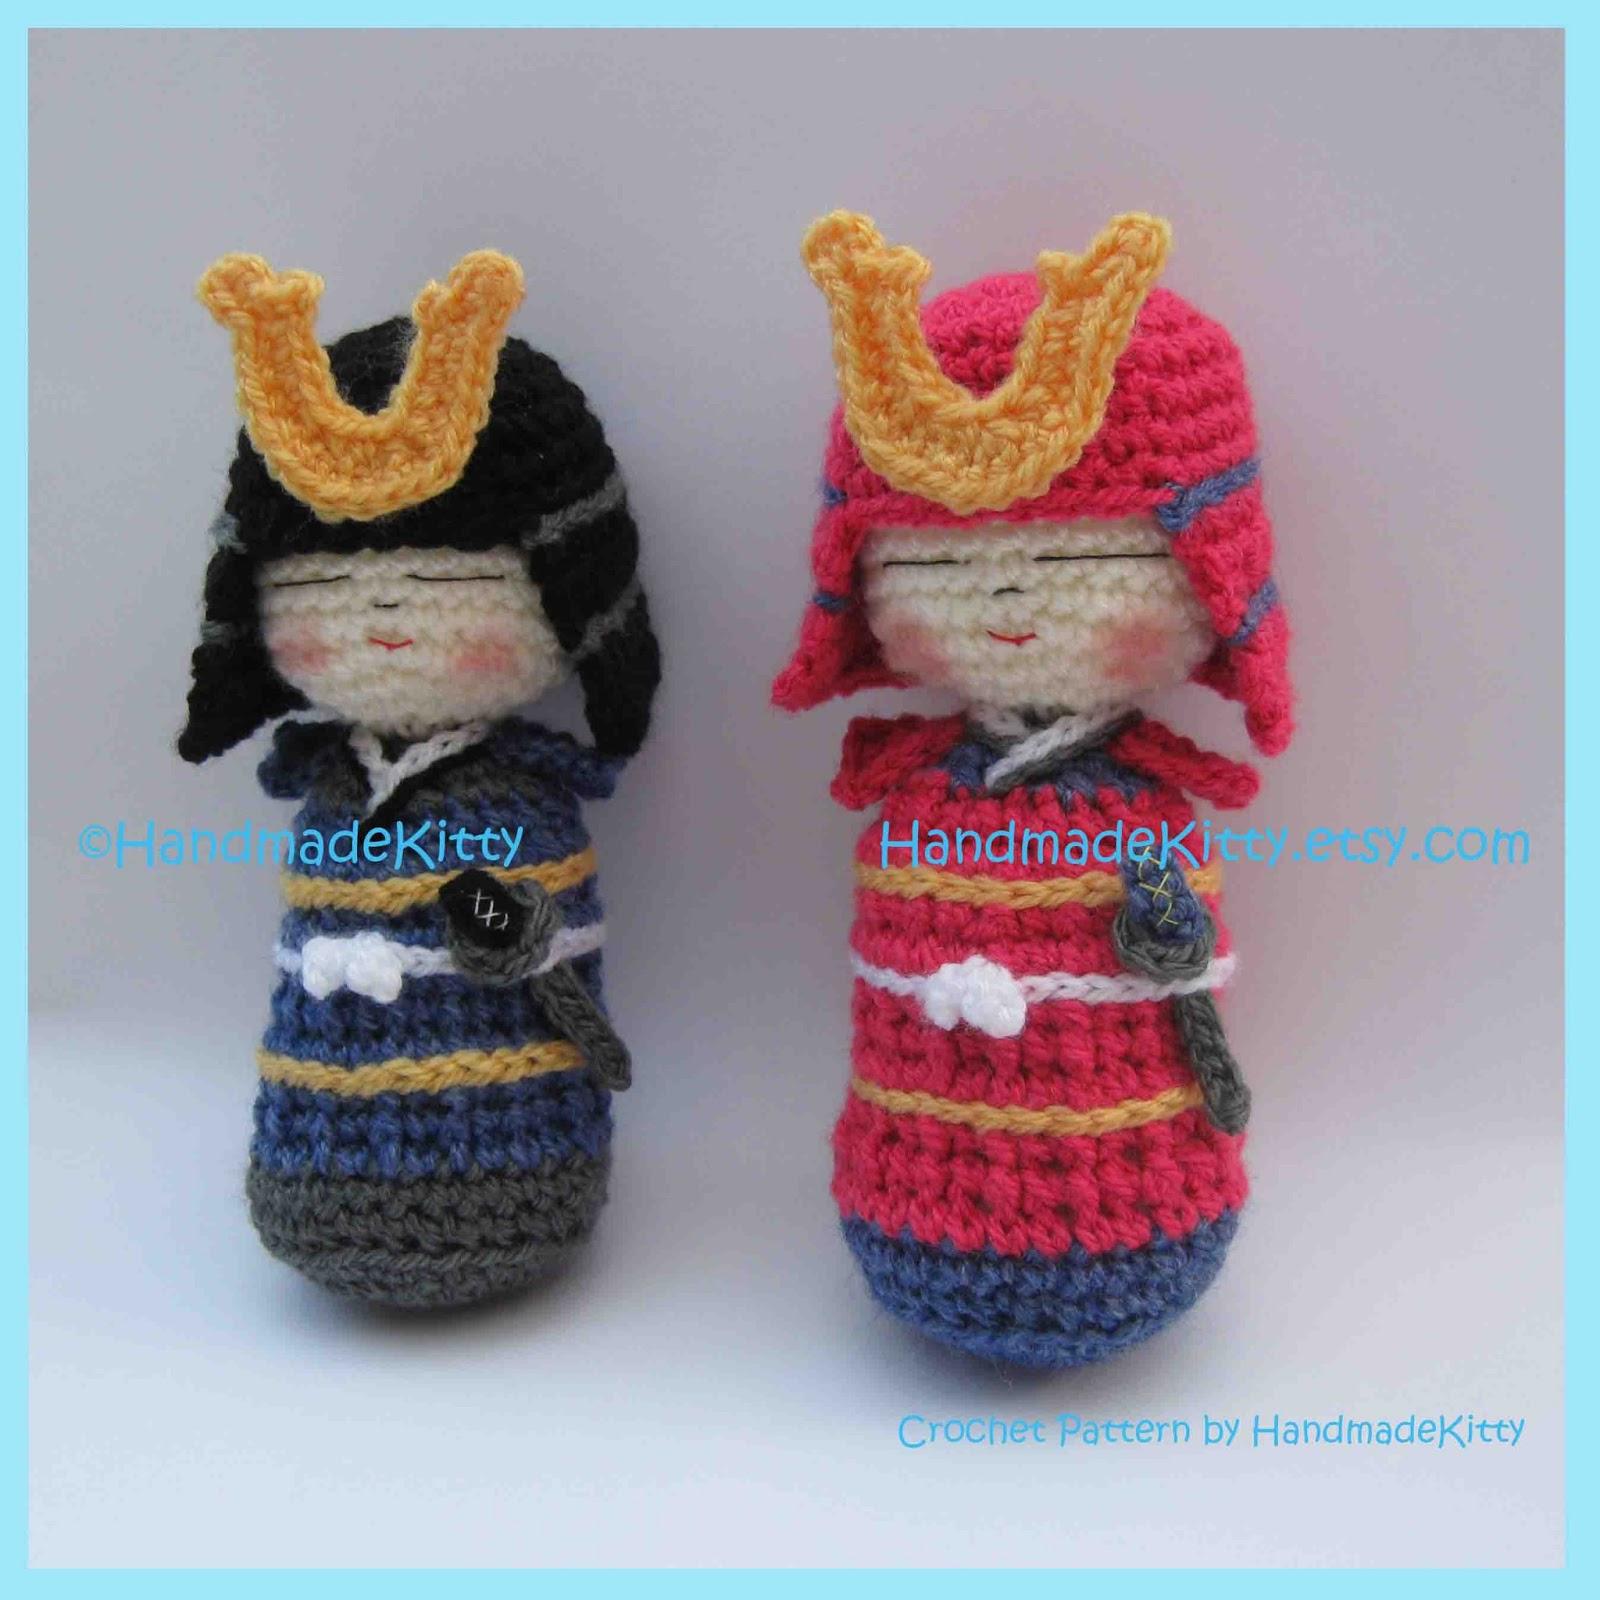 Onigiri Couple Amigurumi Free Crochet Pattern : HandmadeKitty: Samurai Kokeshi Amigurumi PDF Crochet ...